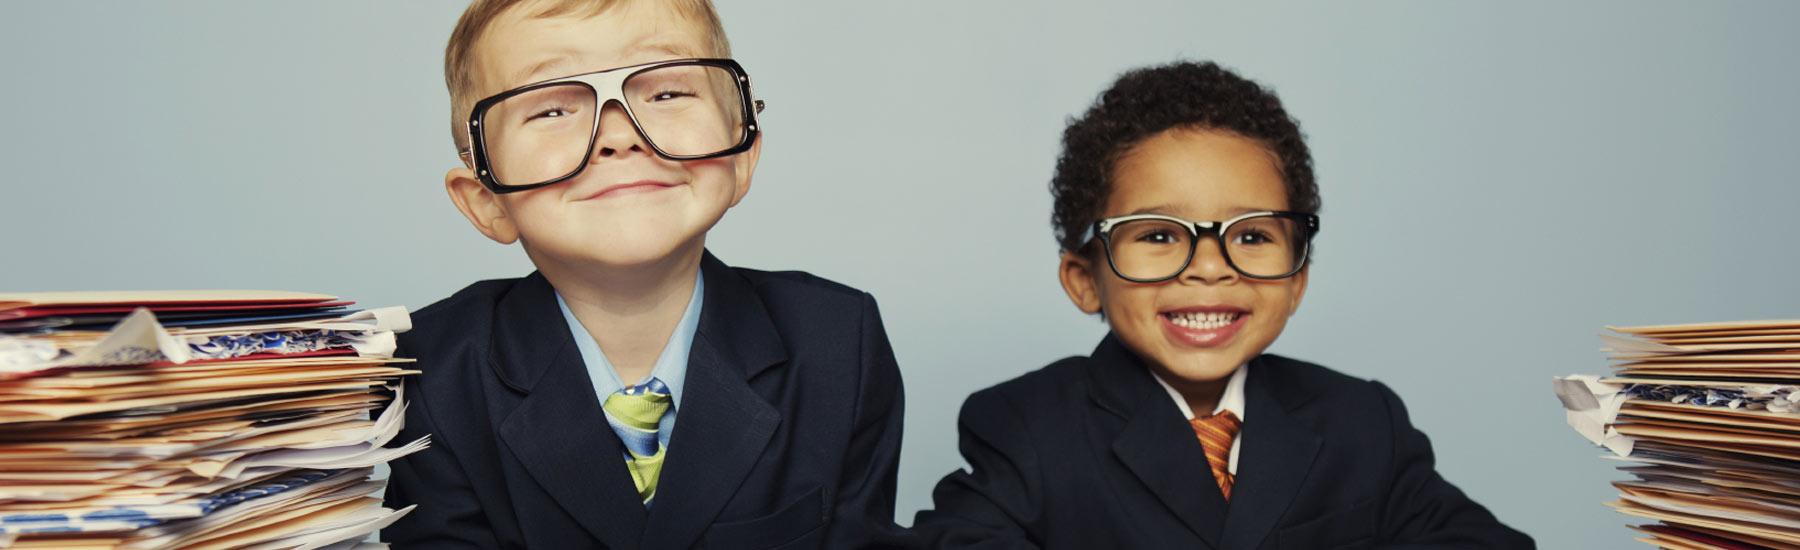 children accountants